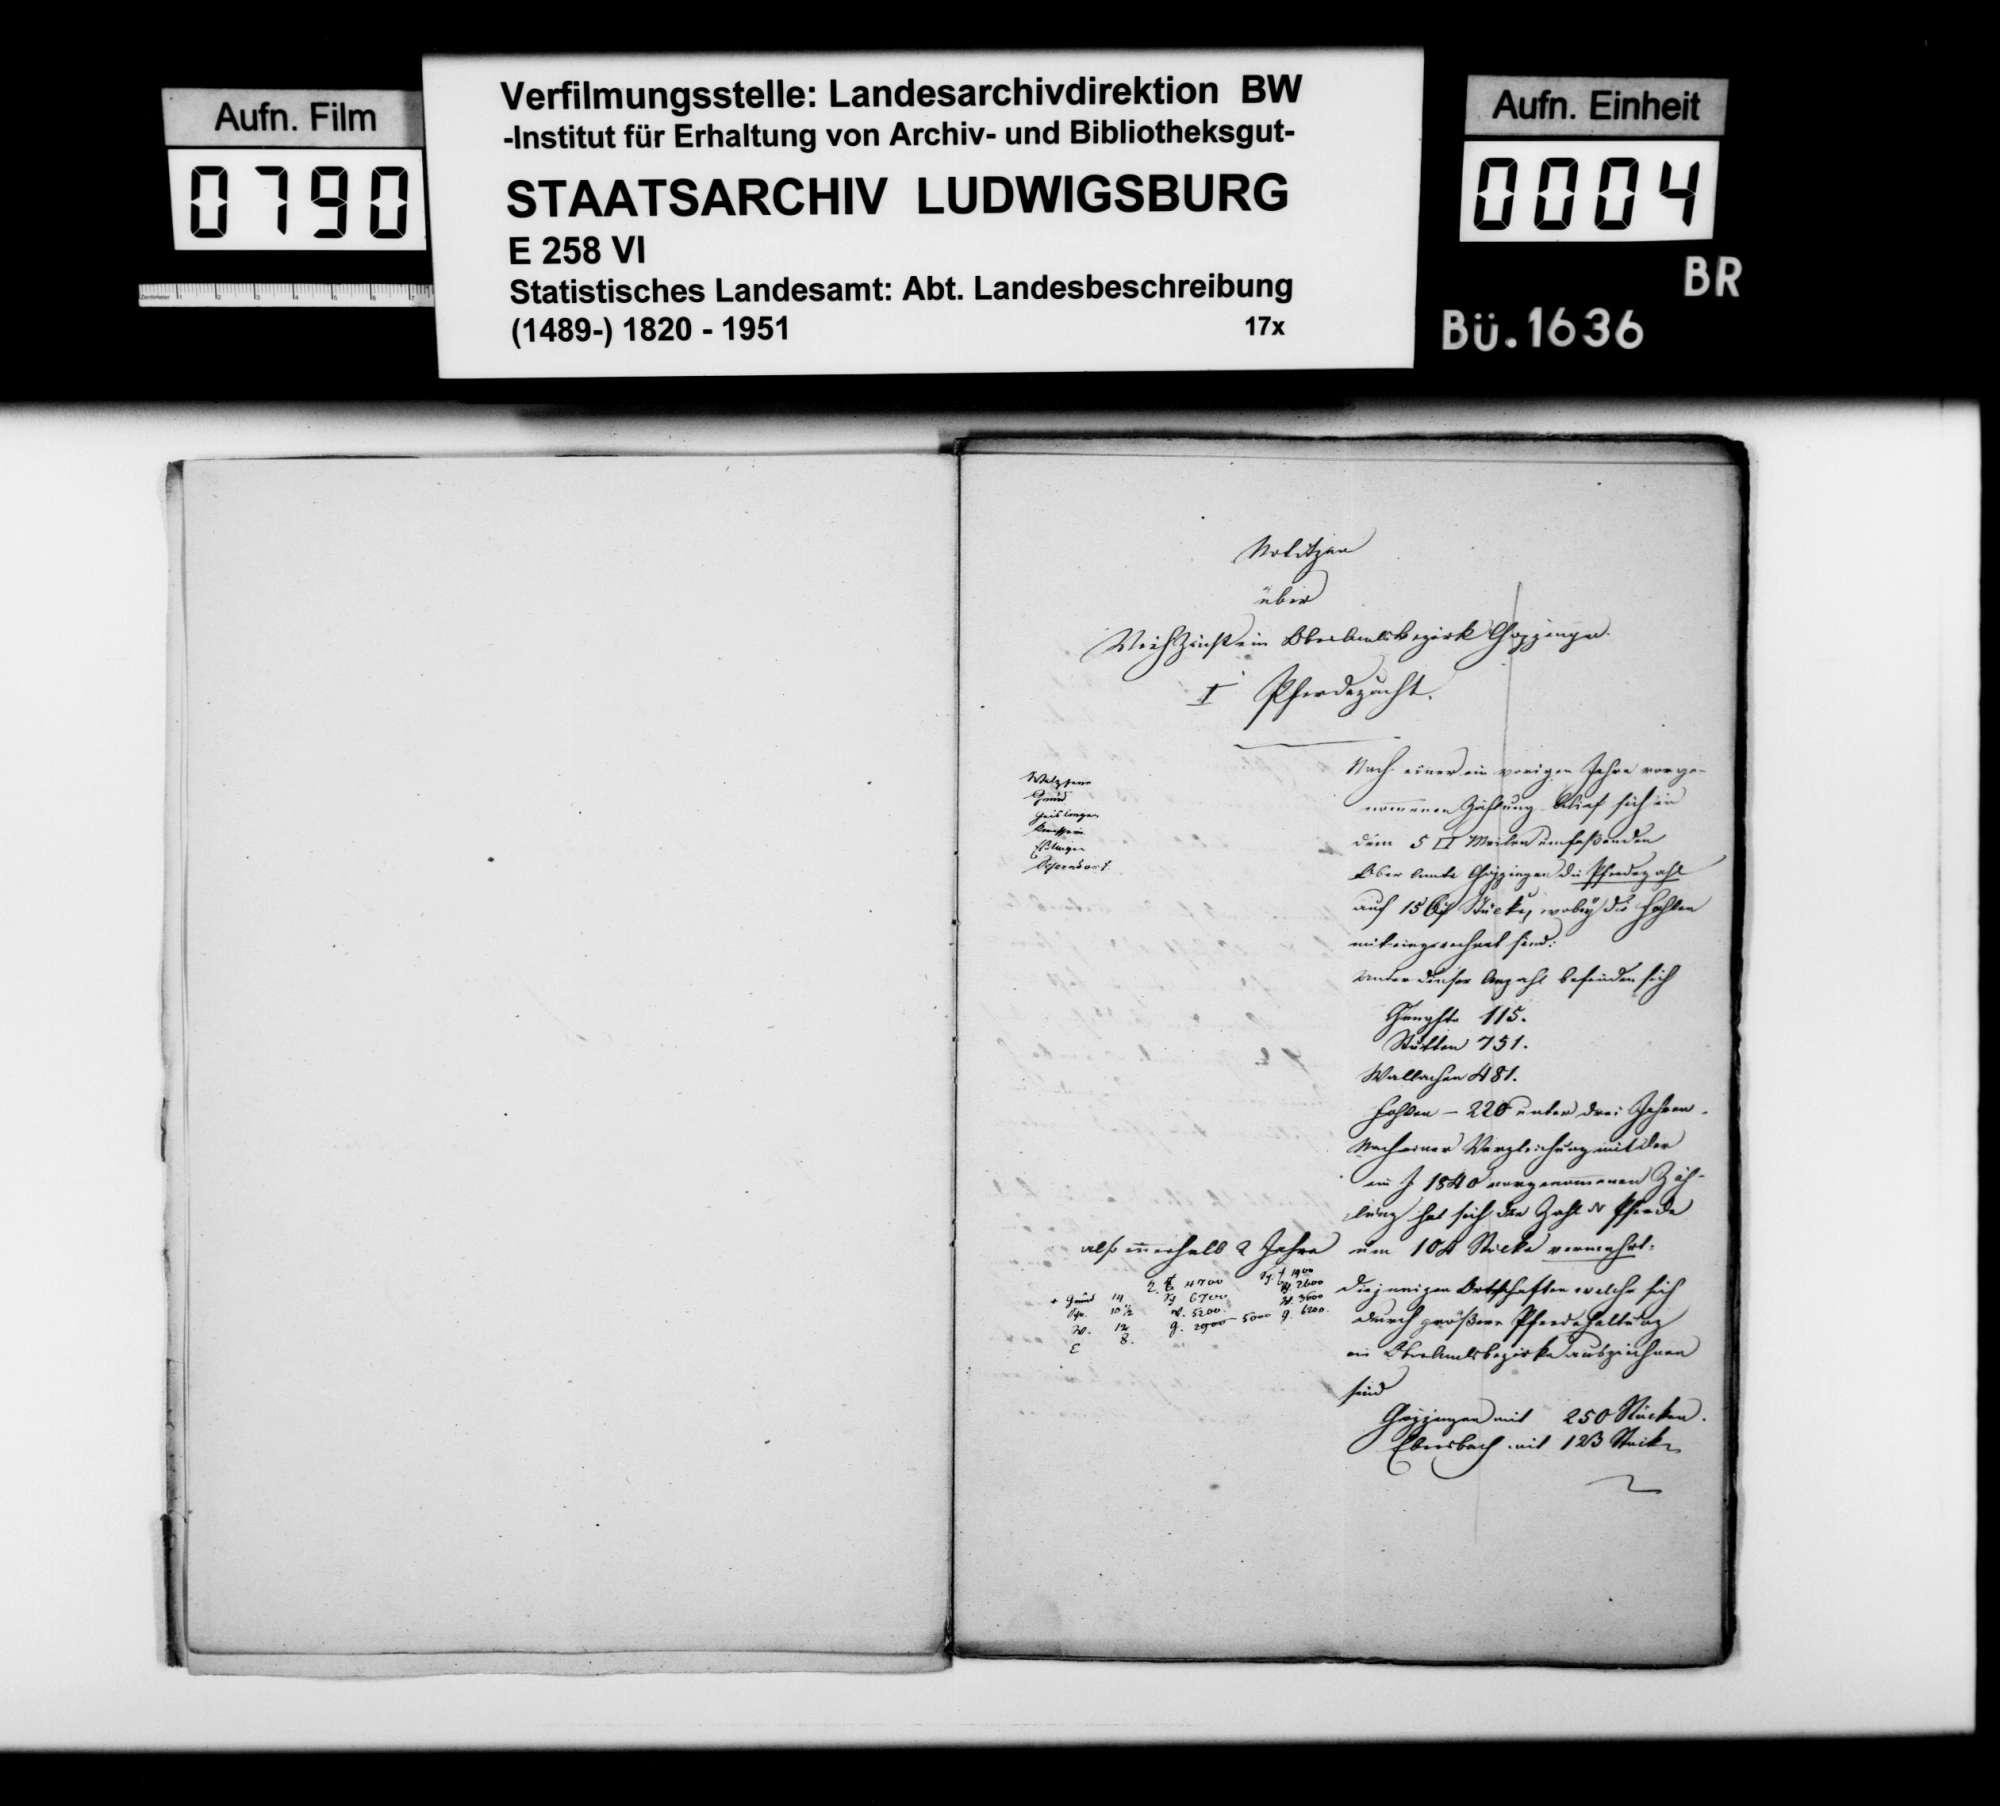 Abhandlungen des Pfarrers Haagen aus Zell [unter Aichelberg] über die Pferde-, Rinder- und Schafzucht im Oberamt, Bild 3